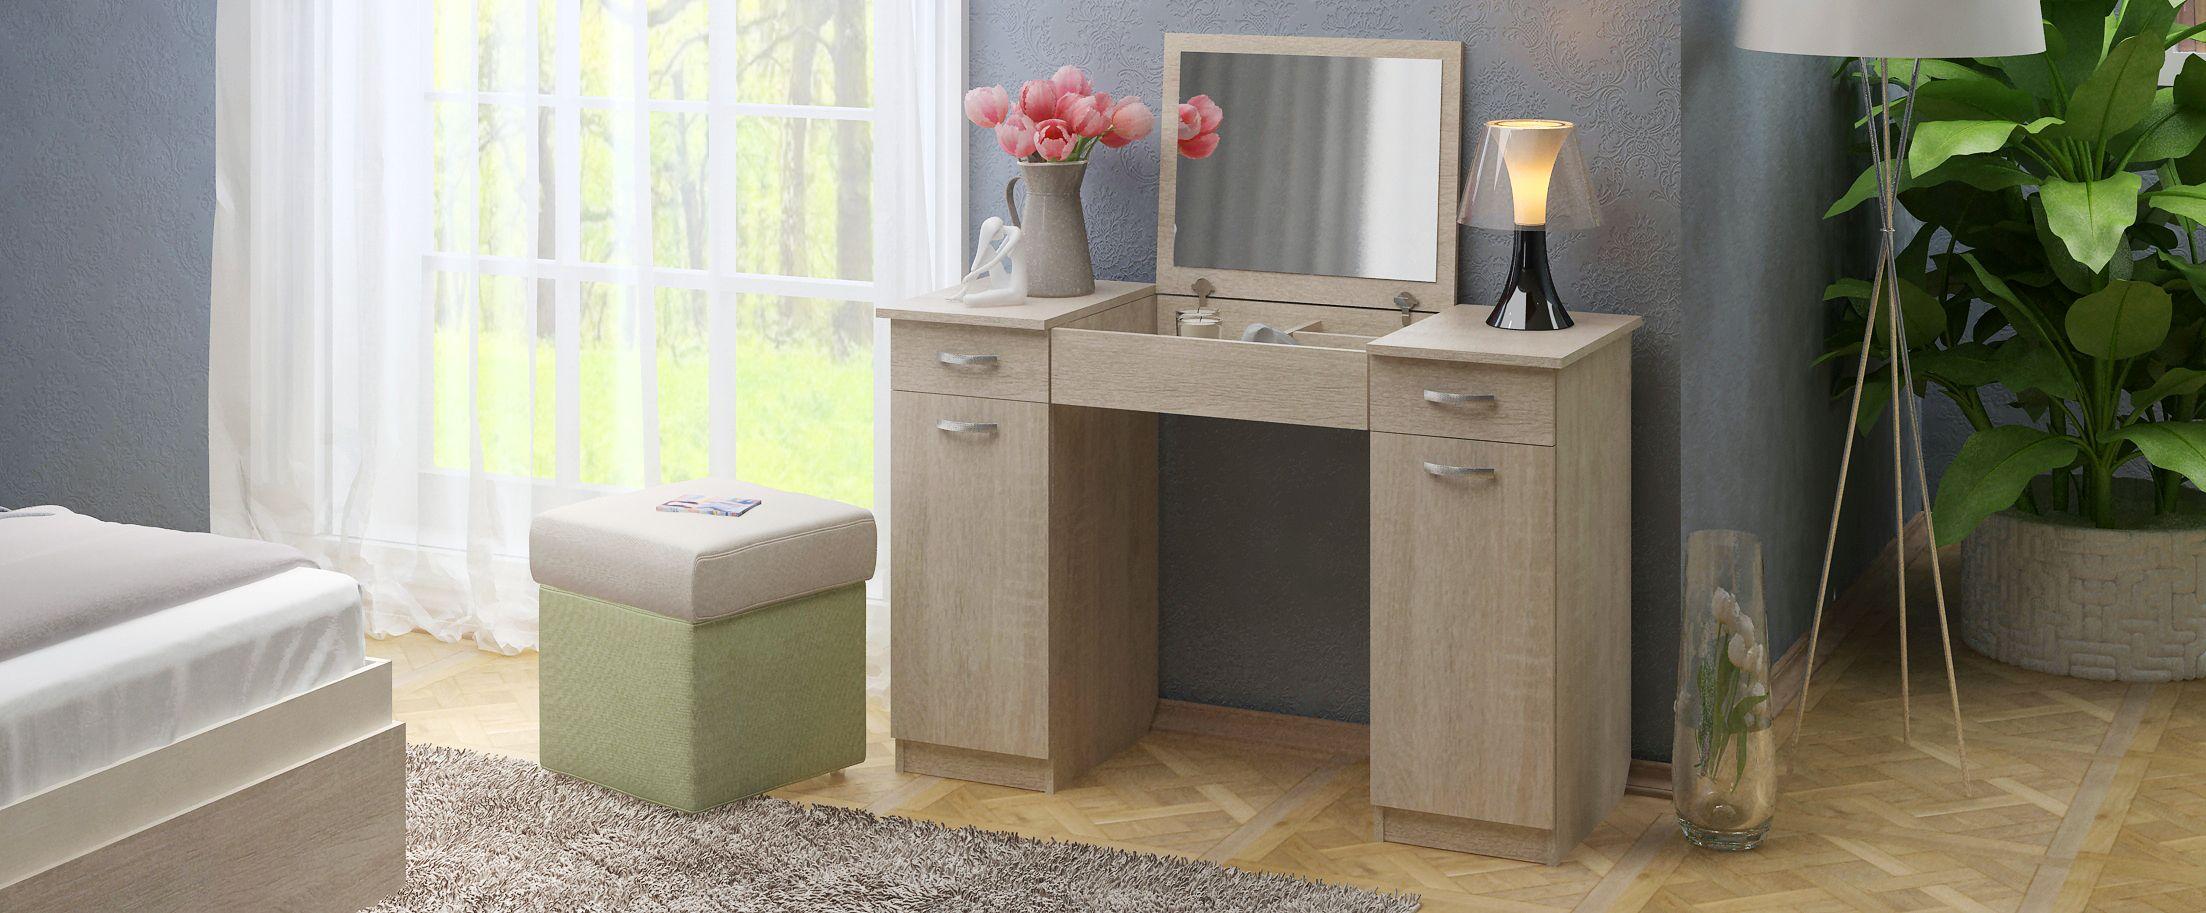 Туалетный столик Риано 5 Модель 803Туалетные столики «Риано» — изящное и стильное решение для современной спальни и других помещений.<br><br>Ширина см: 110<br>Глубина см: 47<br>Высота см: 78<br>Материал фасада: ЛДСП<br>Материал корпуса: ЛДСП<br>Цвет: Дуб сонома